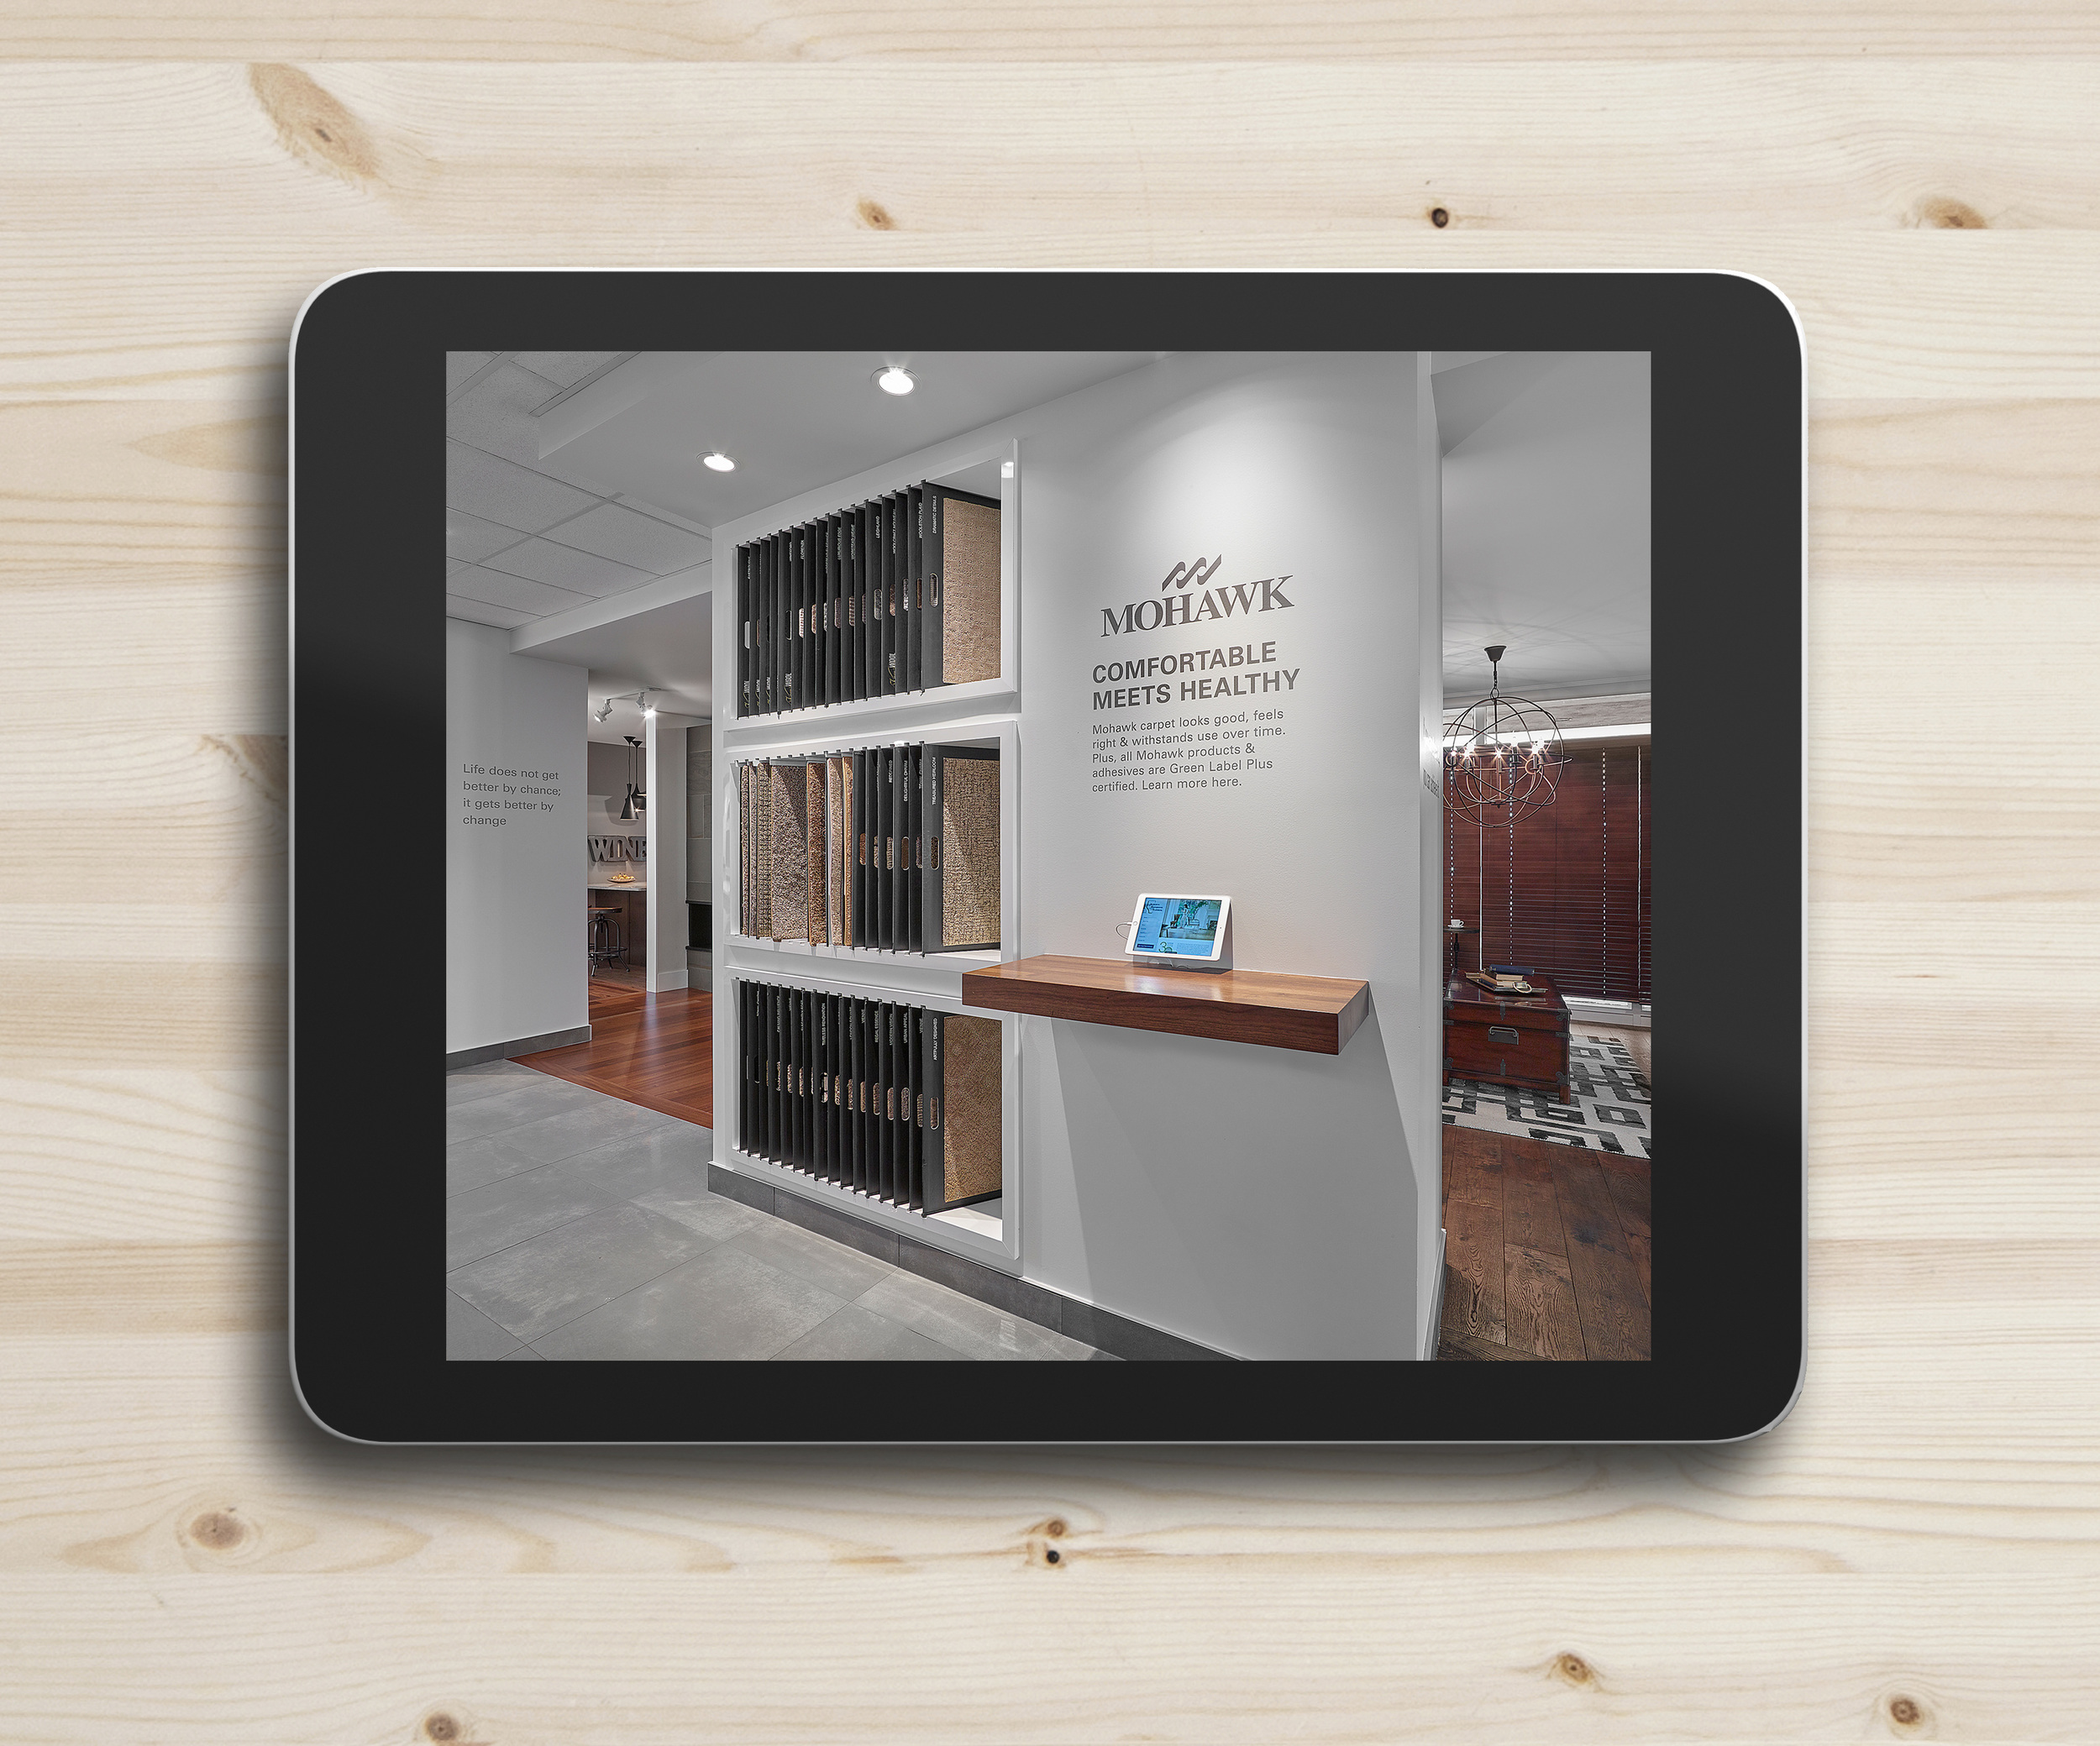 ahf_ipad_showroom_4.jpg